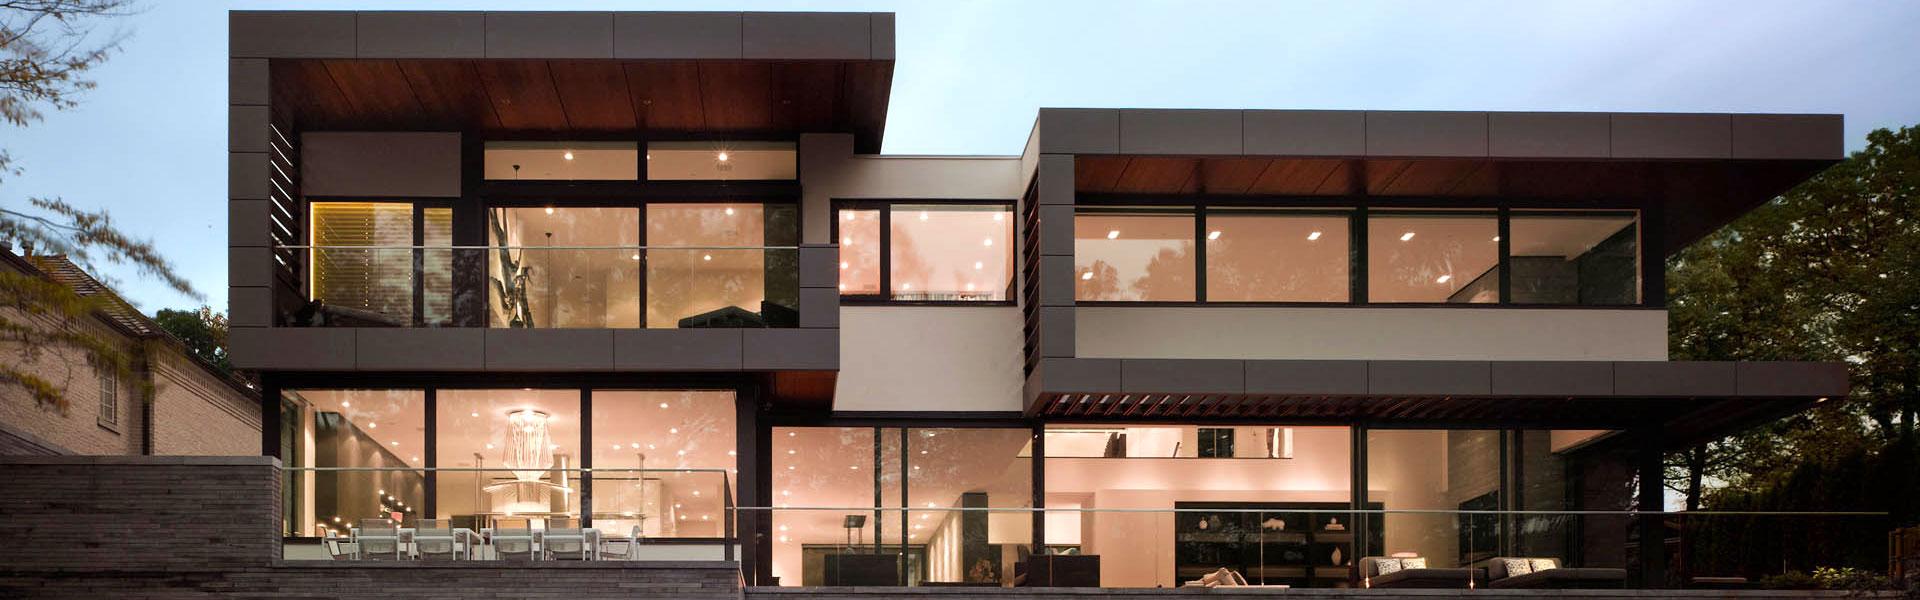 designfenster-verkaufen